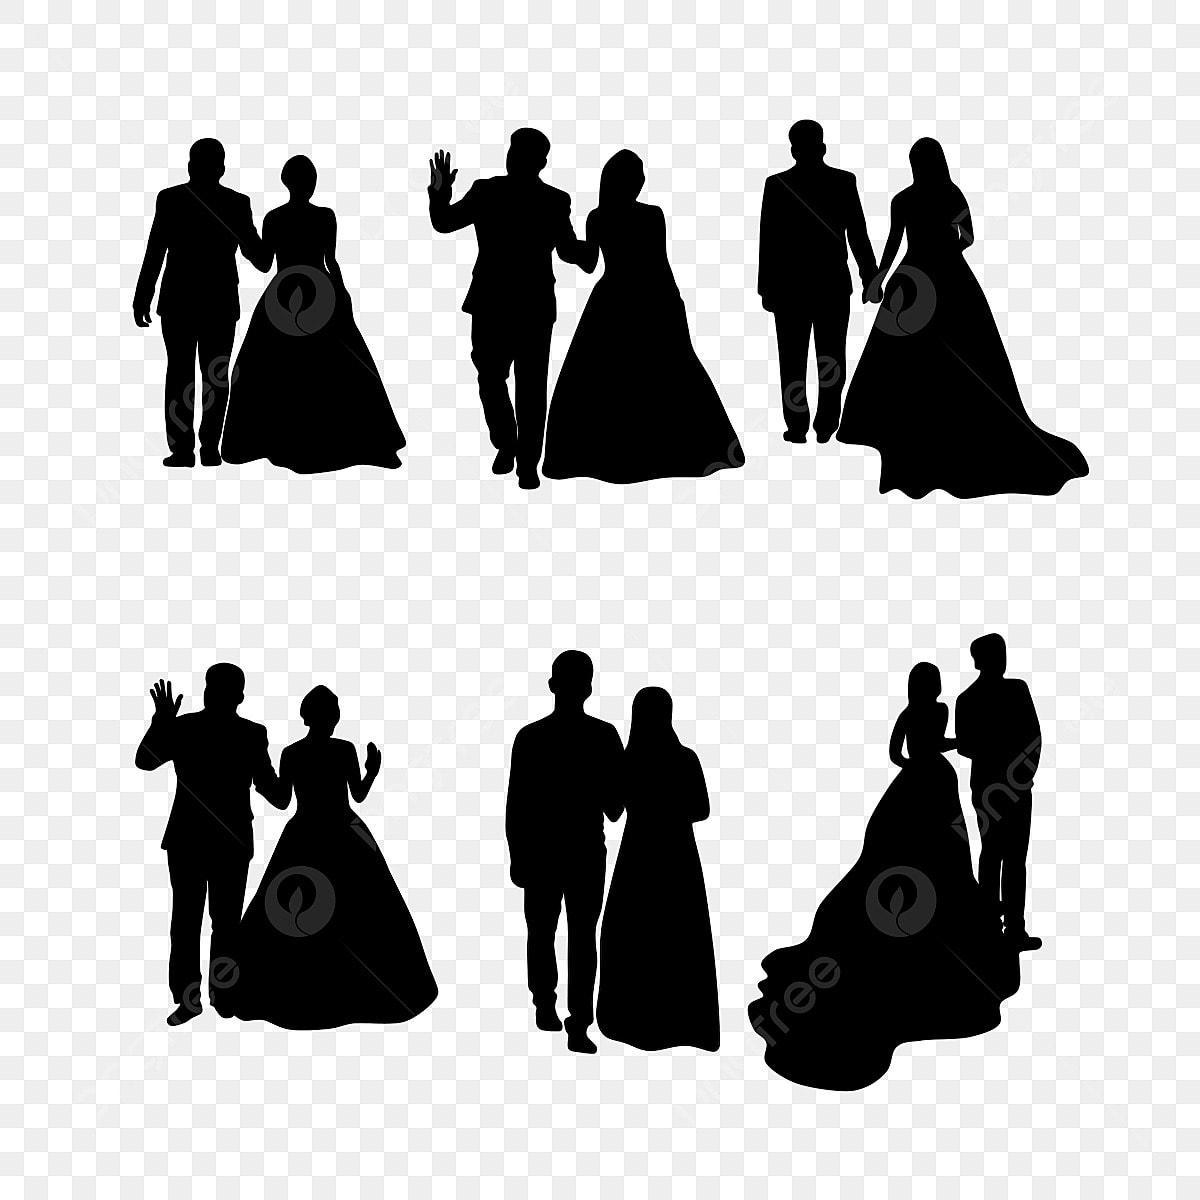 Gambar Gaun Pengantin Menyukai Siluet Orang Clipart Pernikahan Hitam Dan Putih Pernikahan Latar Belakang Karakter Png Transparan Clipart Dan File Psd Untuk Unduh Gratis